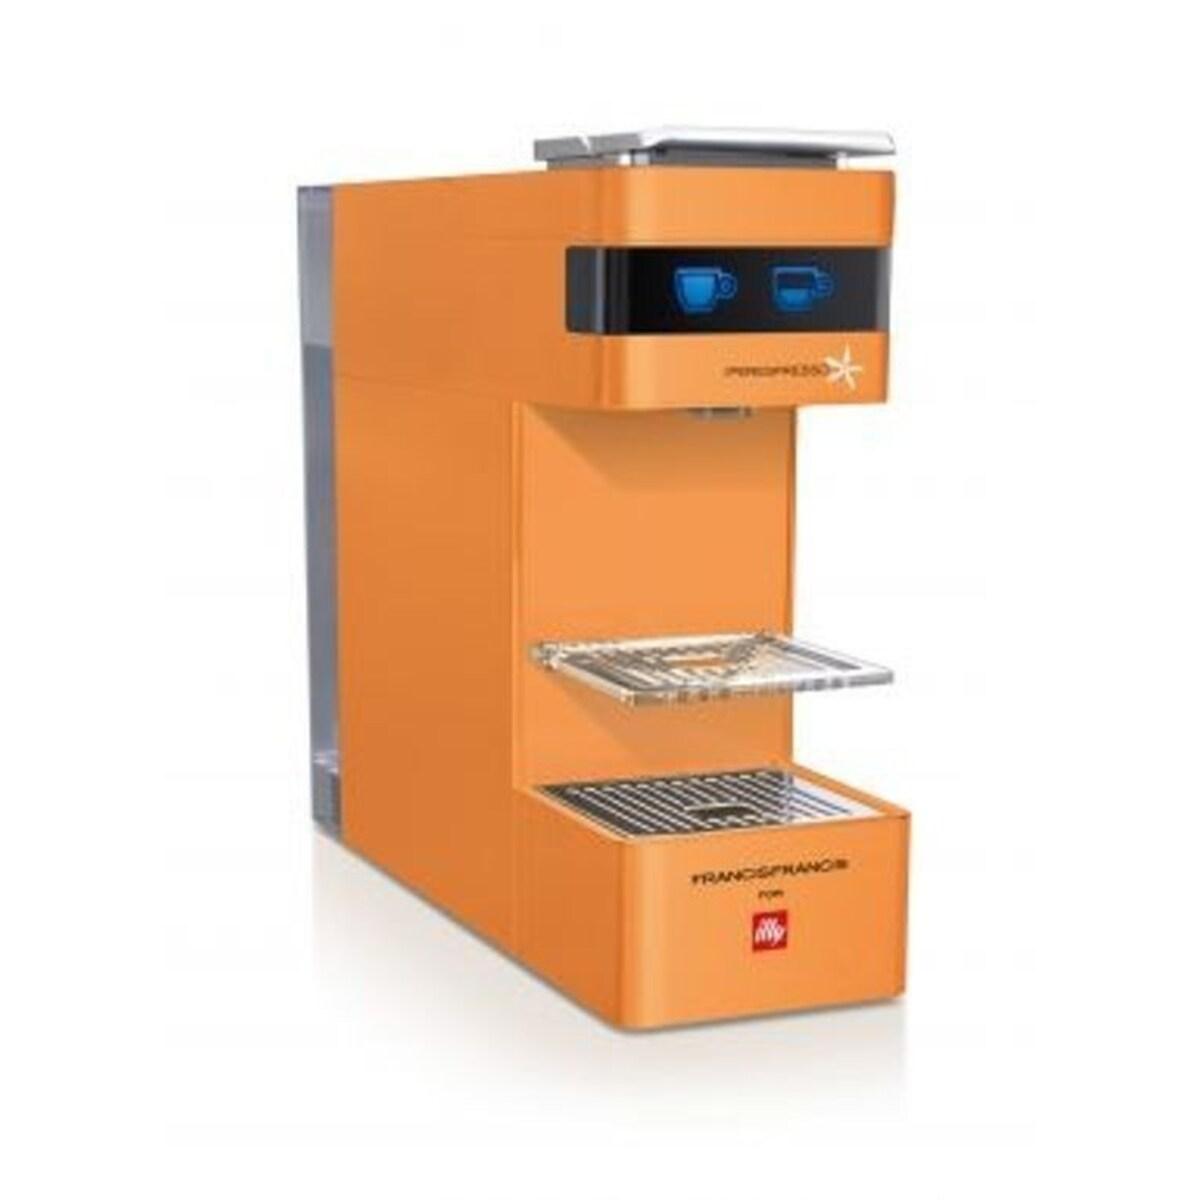 Кафемашина illy Francis Francis Y3 Orange, IperEspresso система